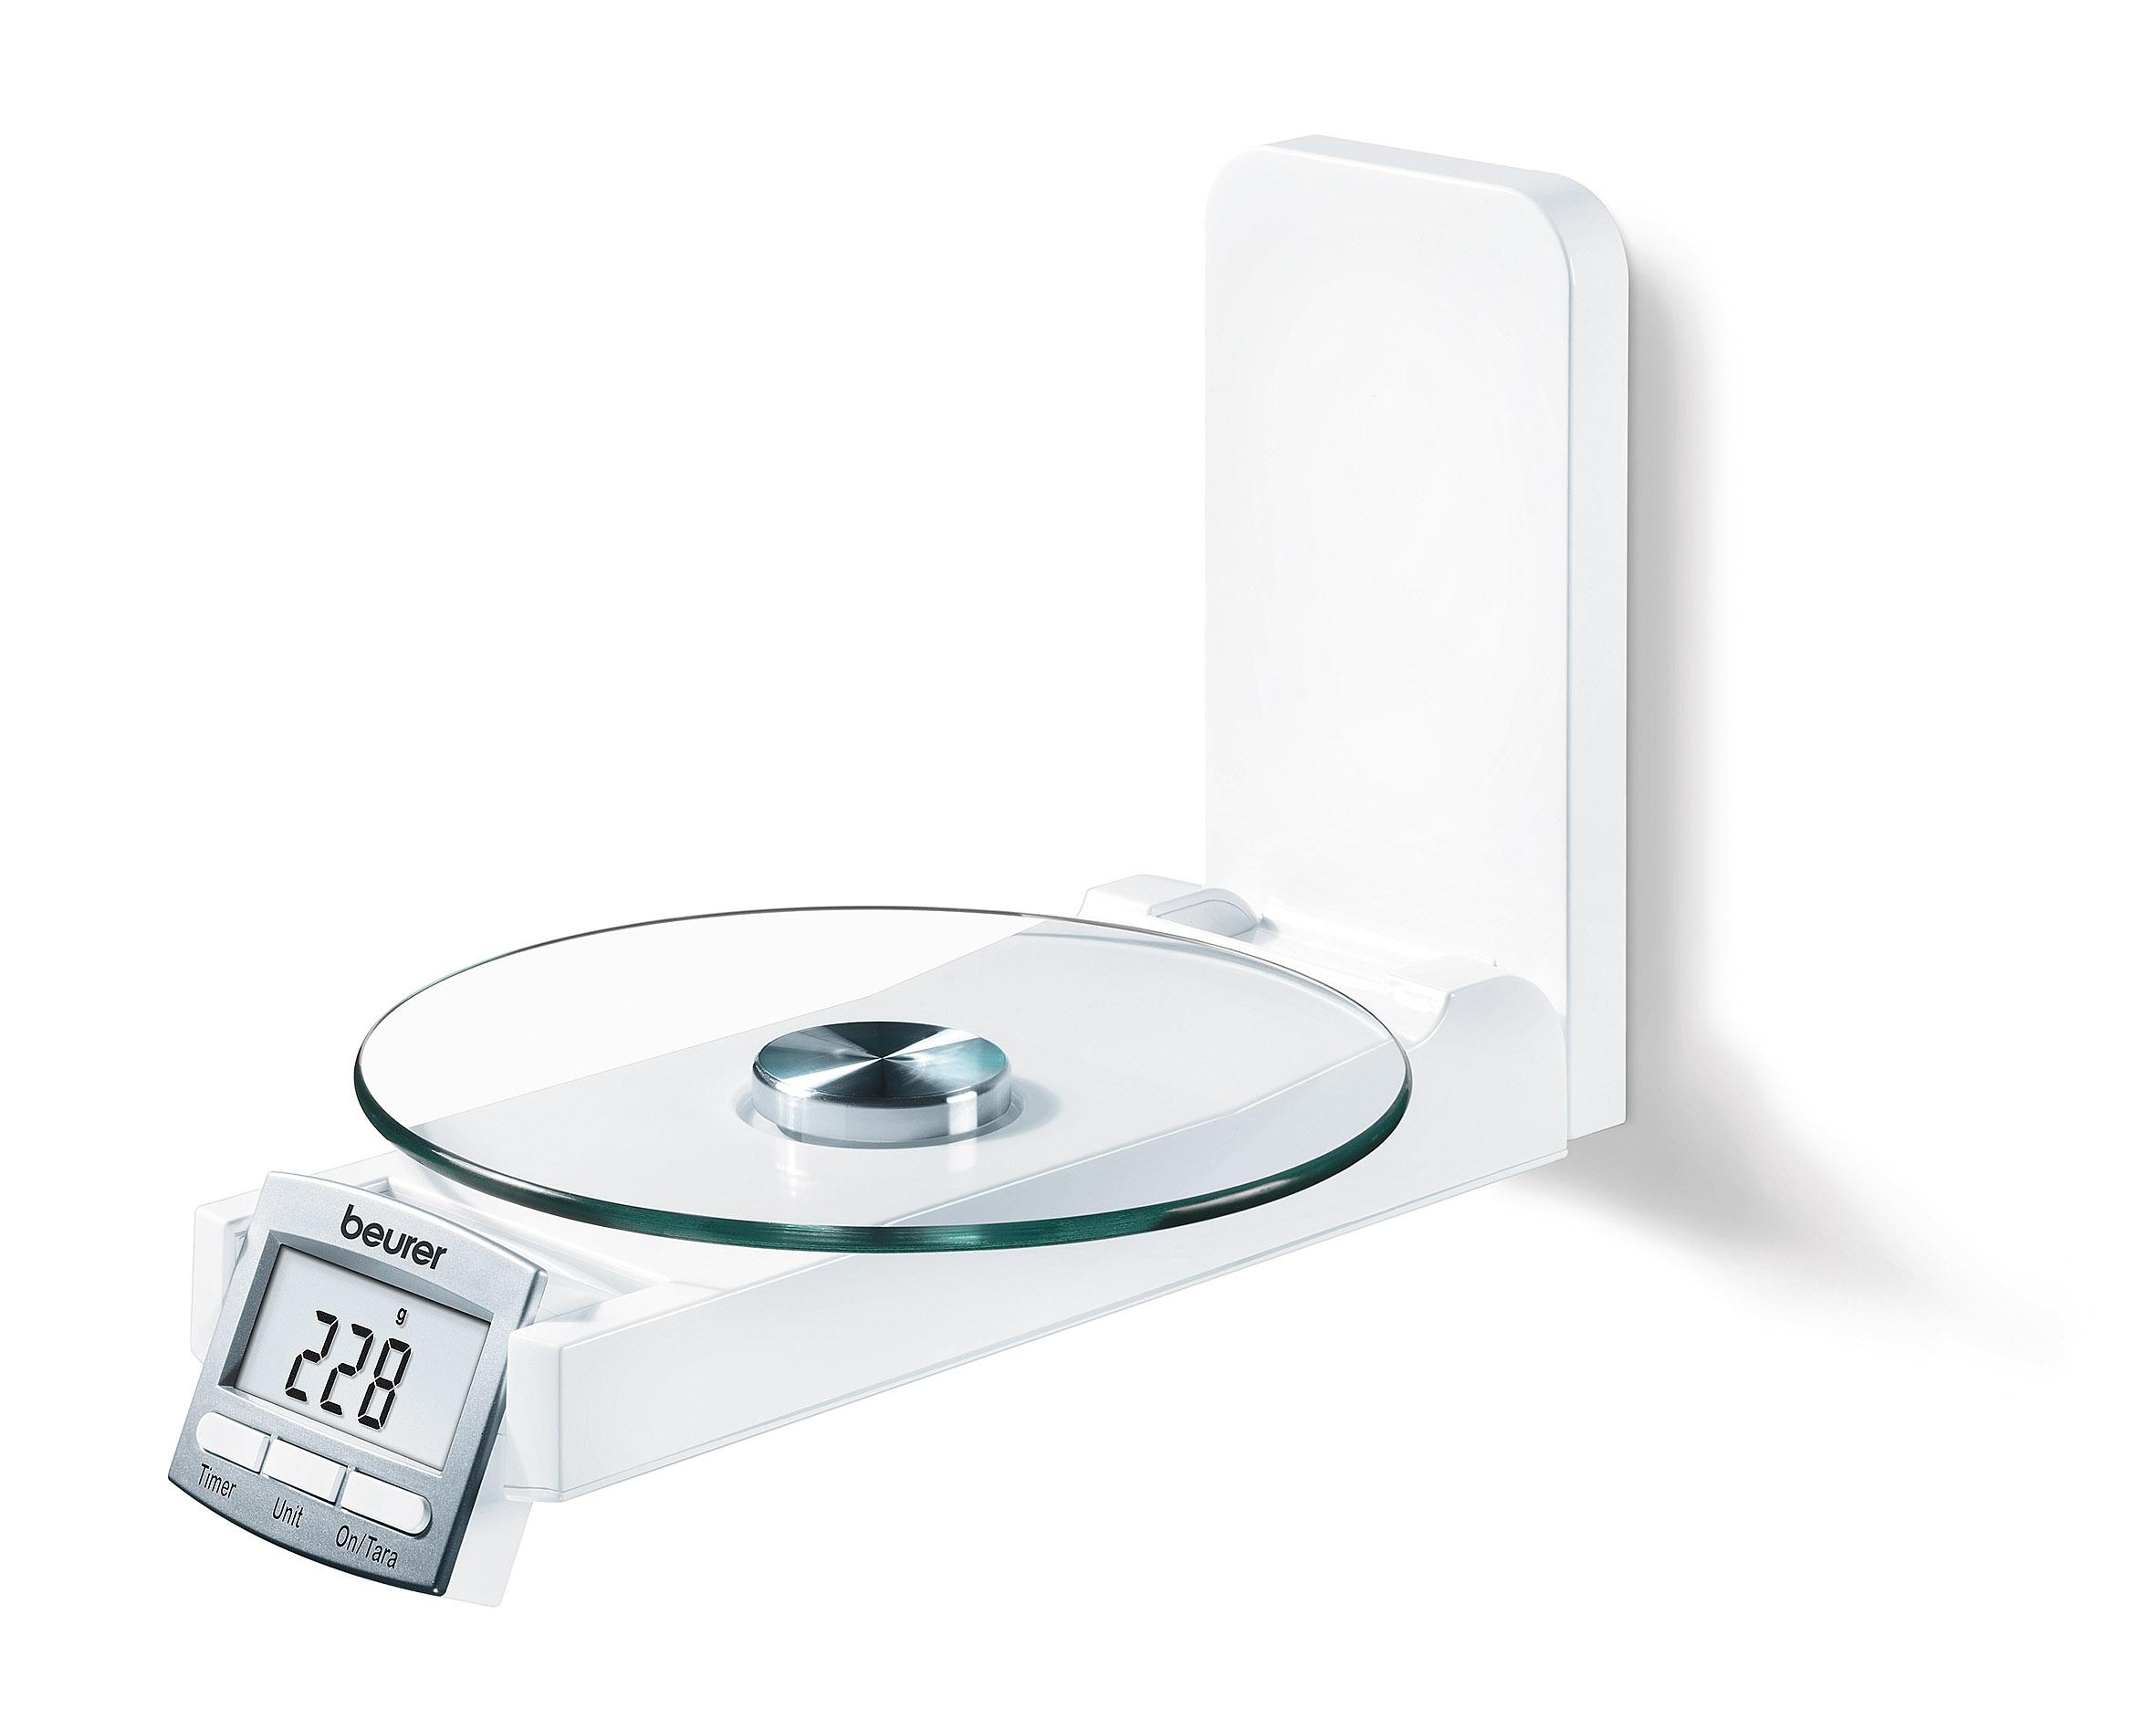 BALANCA DIGITAL DE PAREDE ATÉ 5KG KS 52 BEURER Santa Apolônia  #245852 2362x1895 Balança De Banheiro Digital Em Vidro